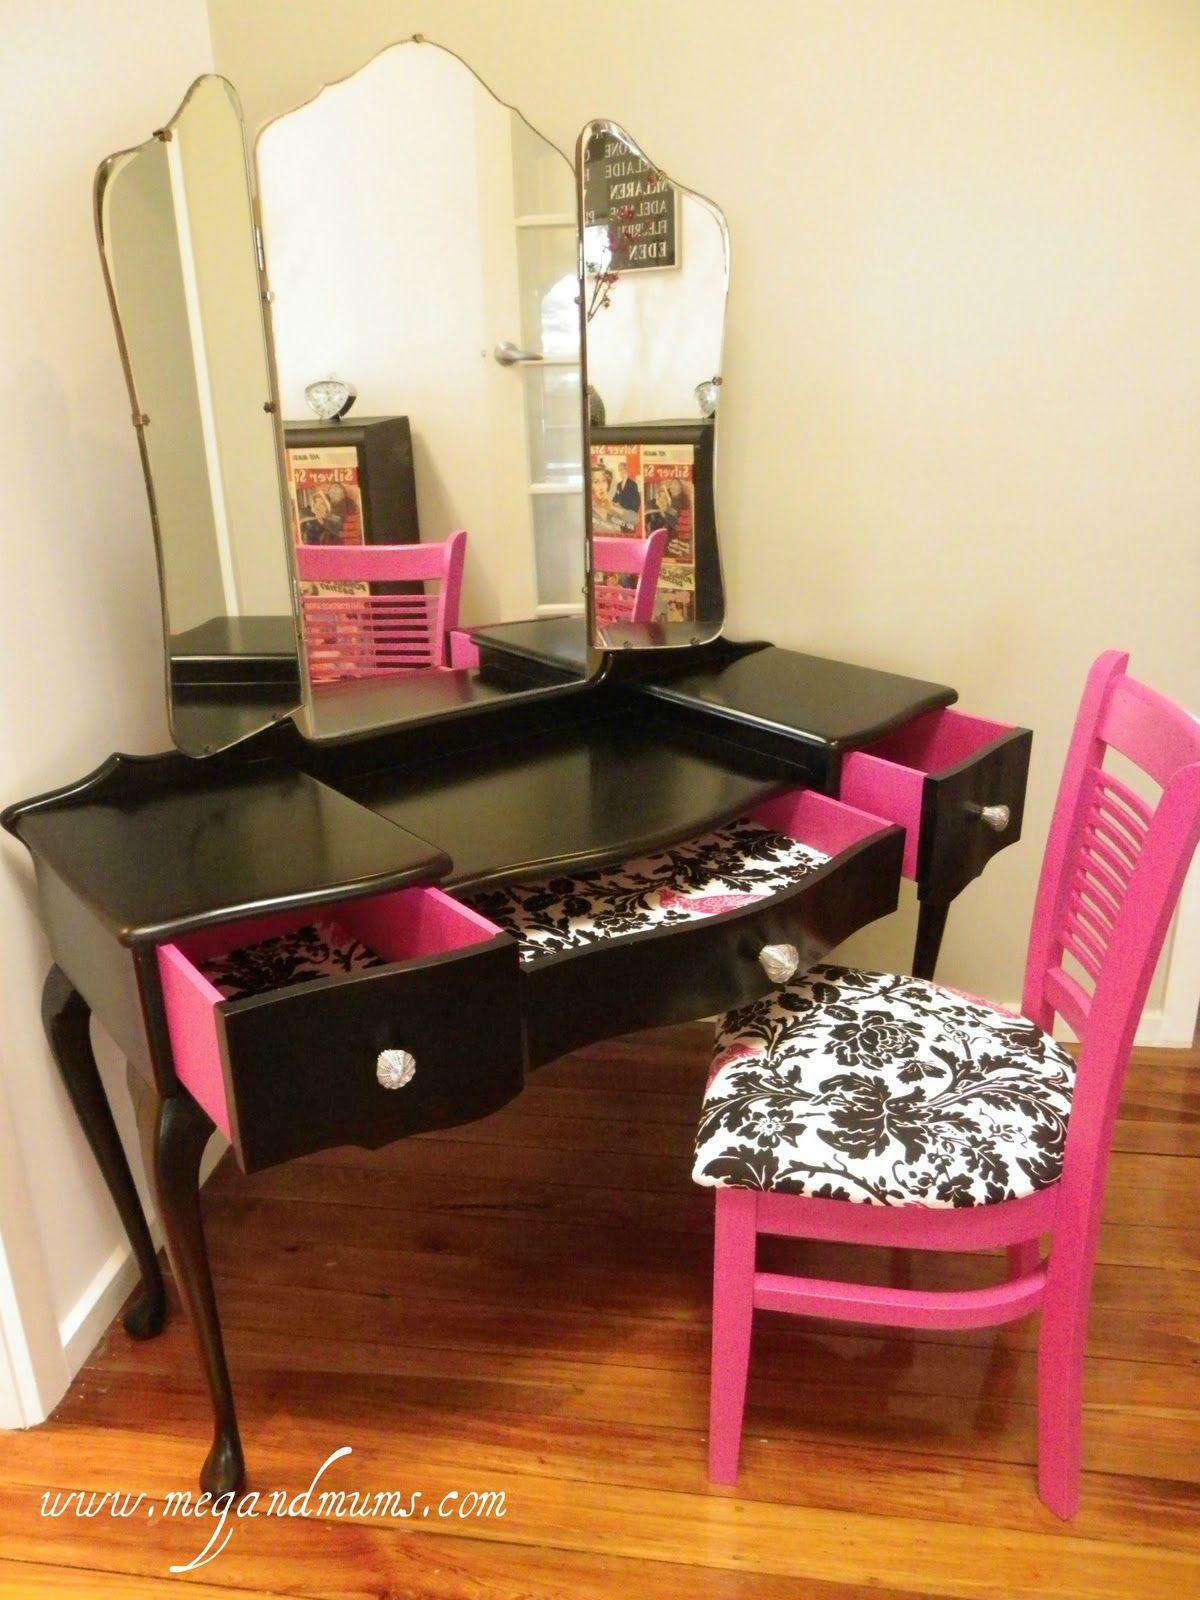 A Pop of Pink - repainted old vanity & chair